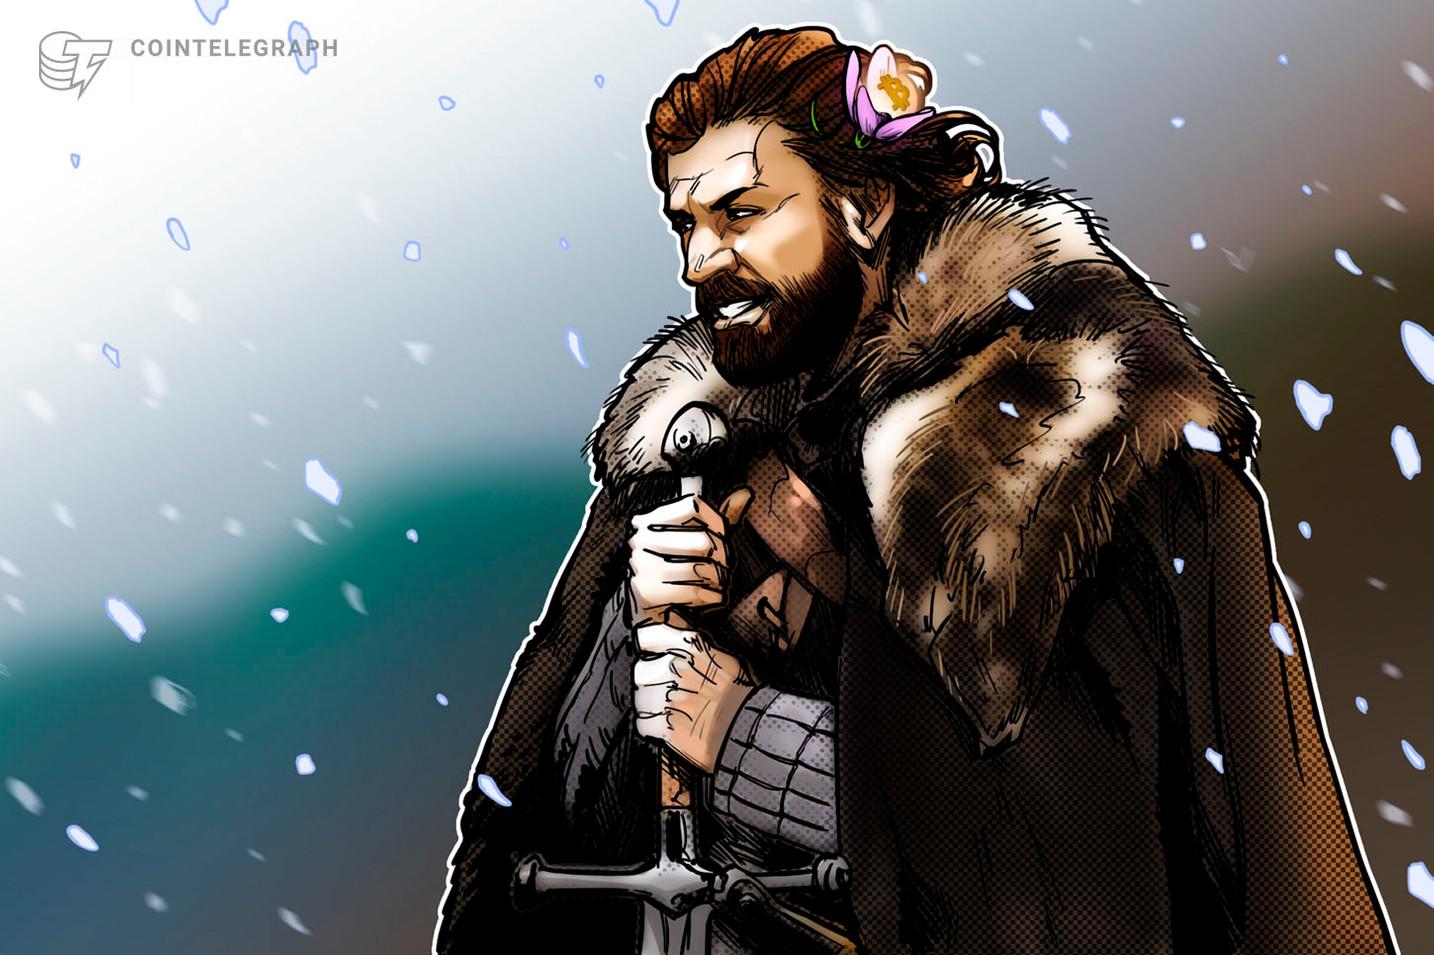 El invierno cripto podría haber terminado ya que el nuevo Bitcoin comienza a florecer